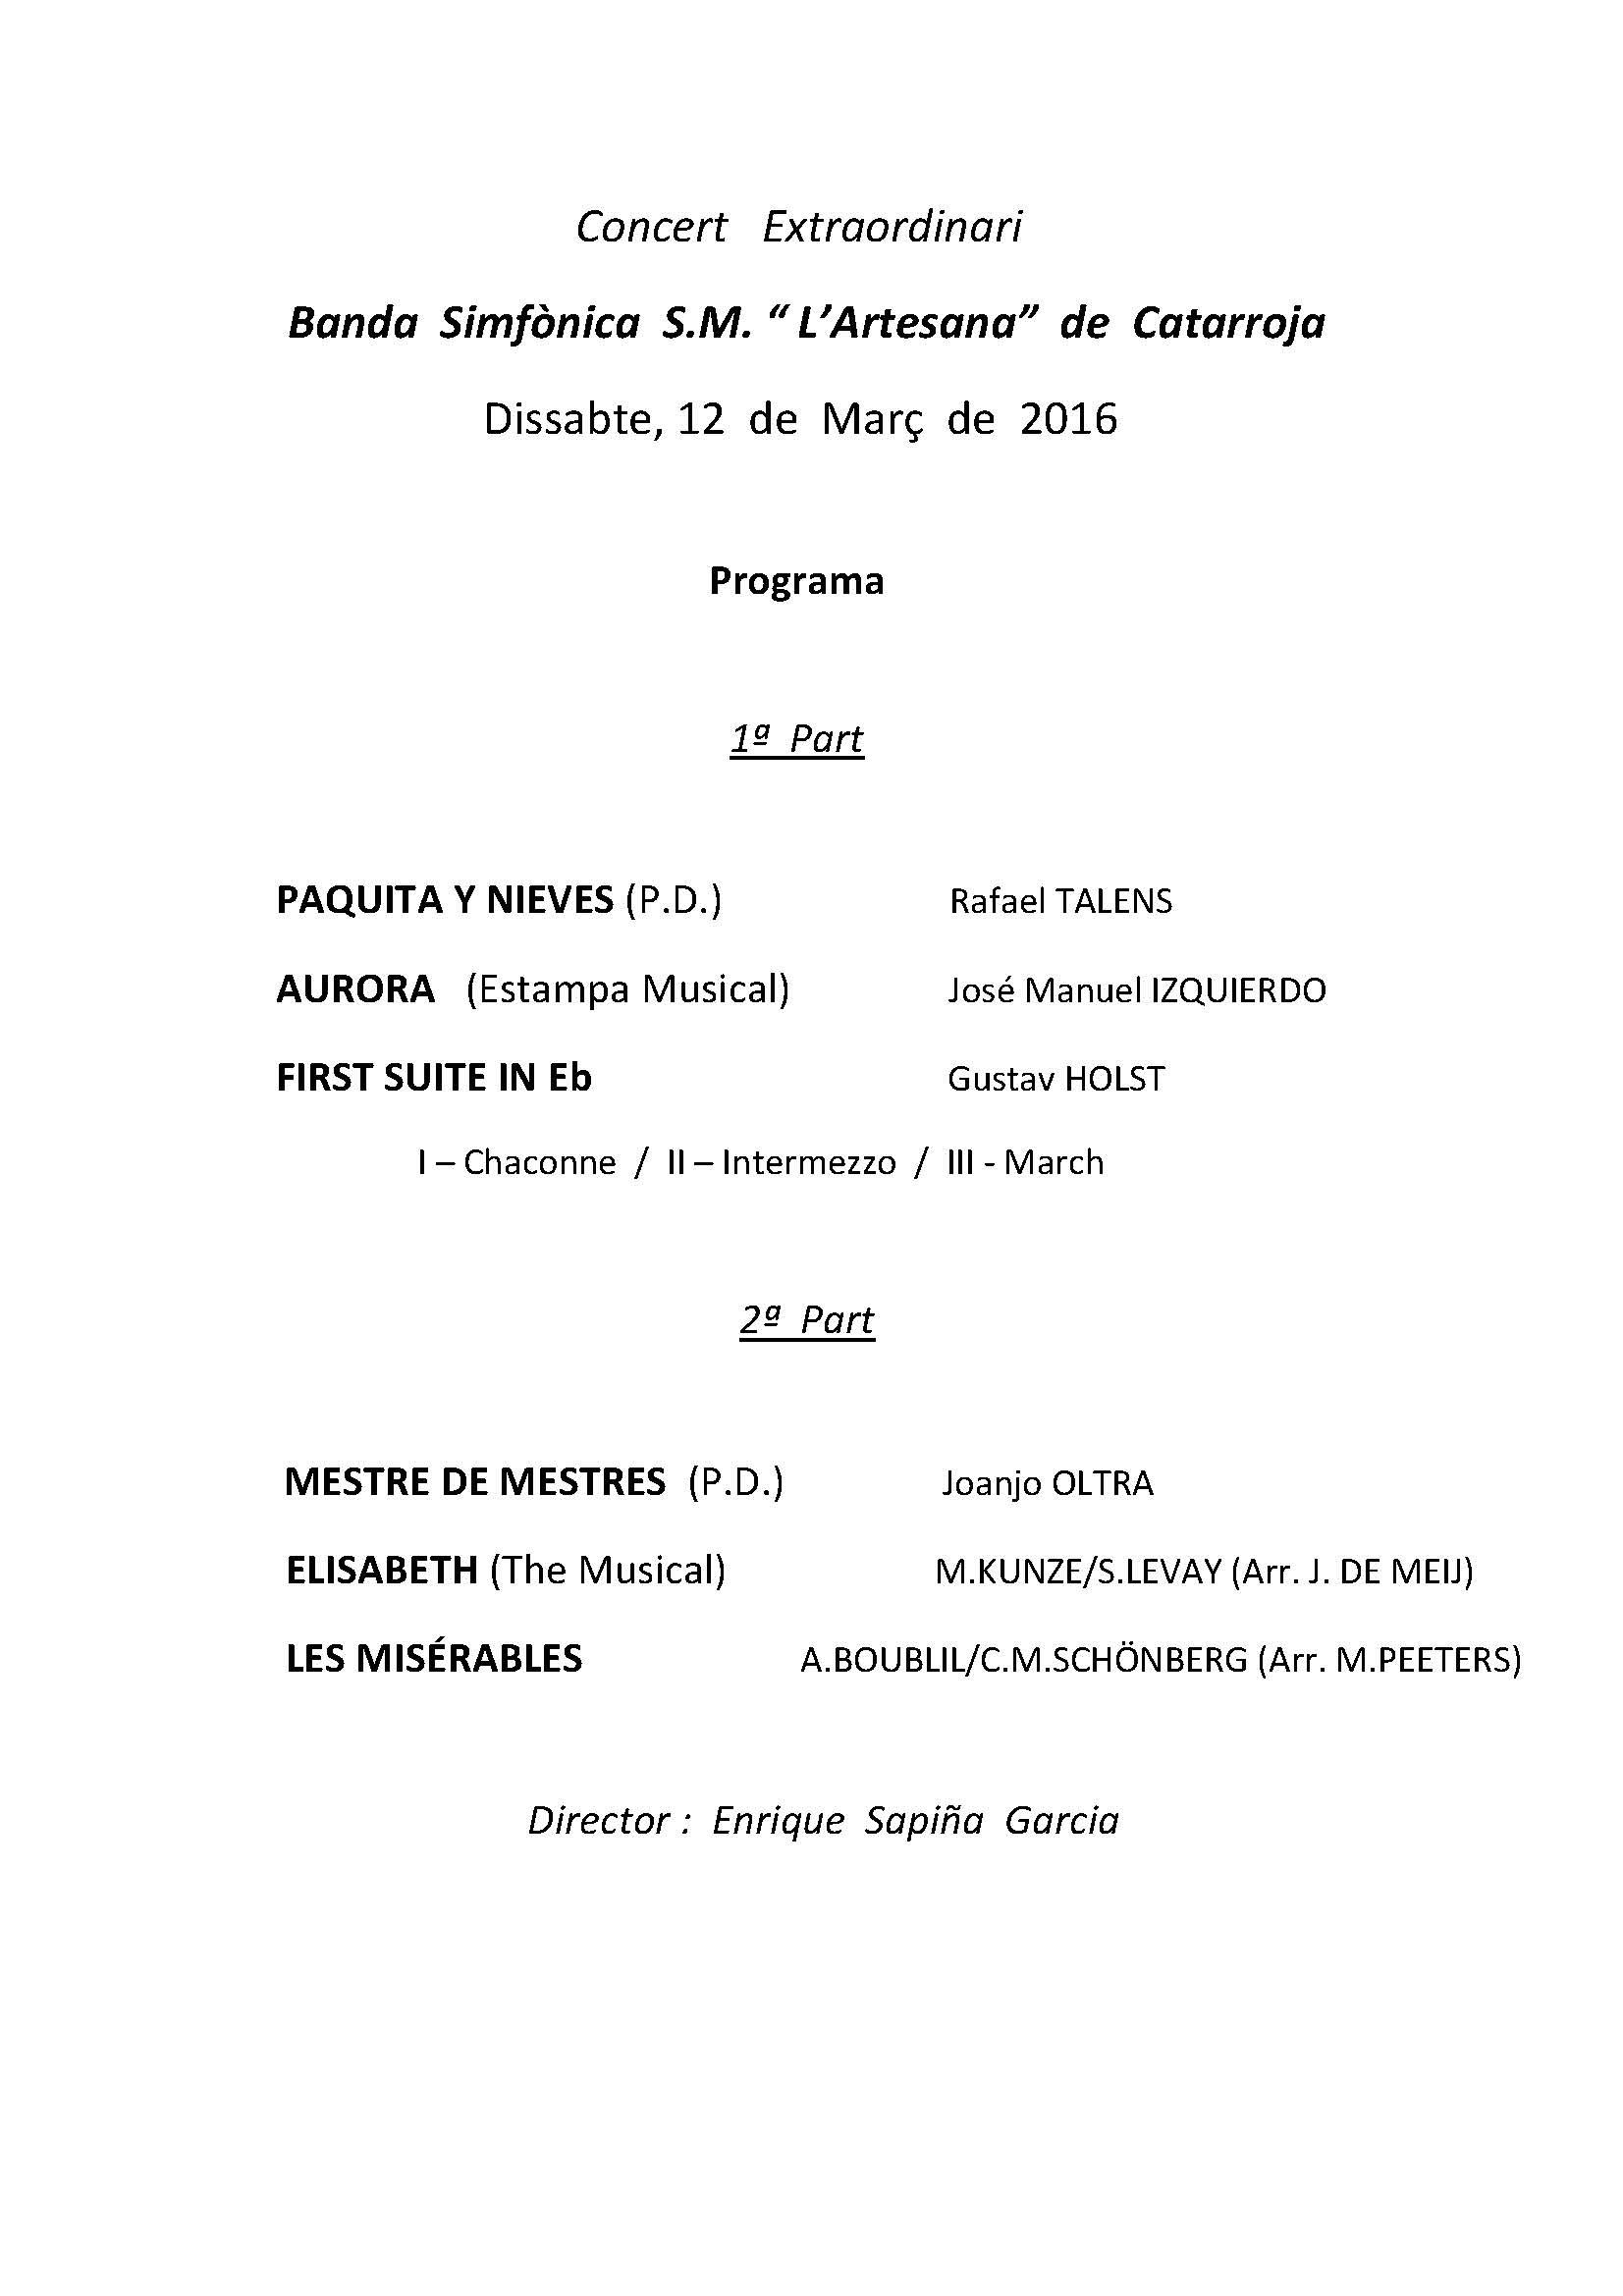 Programa Artesana 12 Març 2016